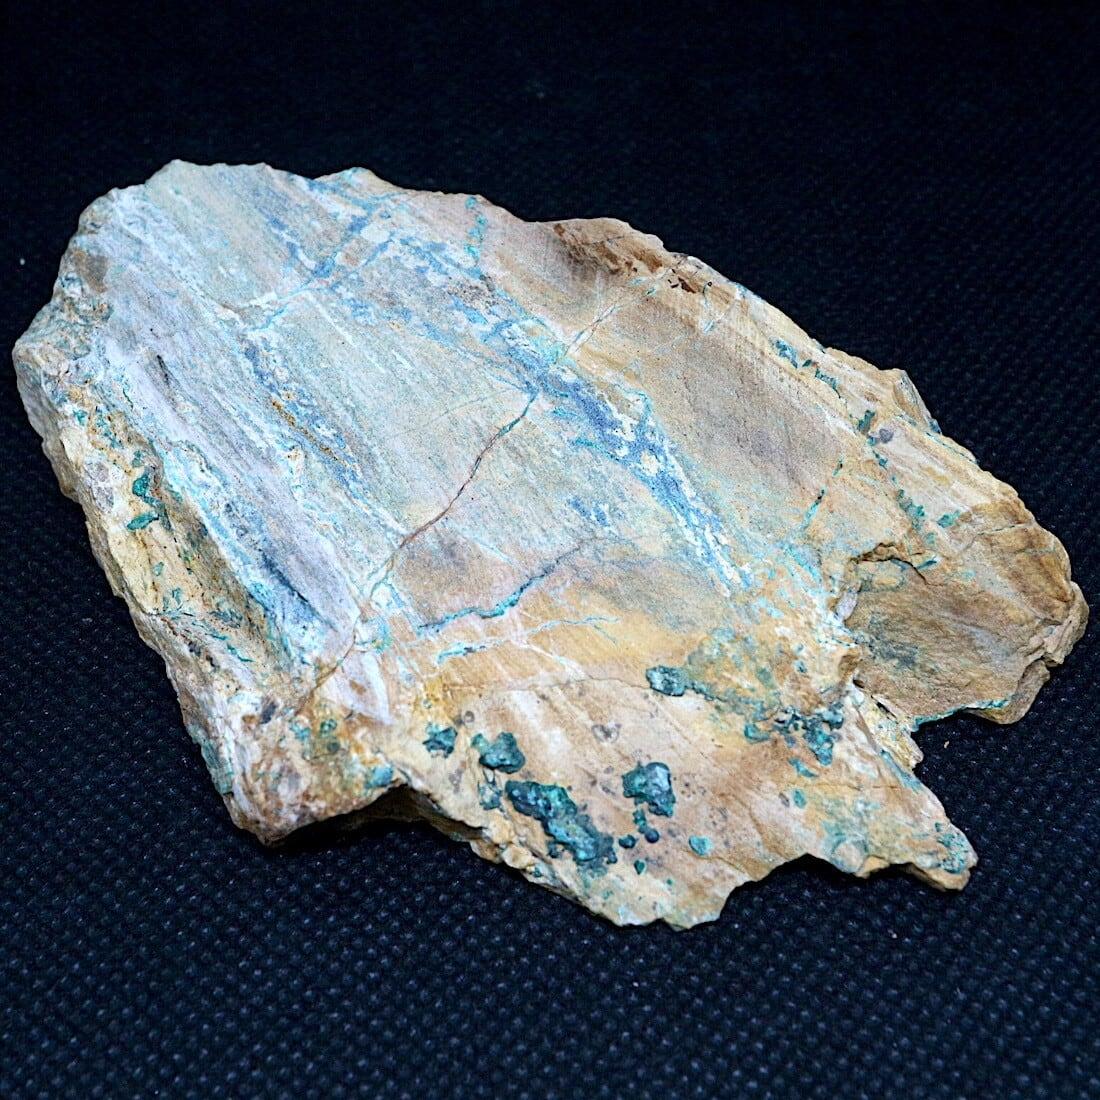 カリフォルニア州産 マラカイト孔雀石 173,2g 原石 鉱物 標本 MA006 パワーストーン 天然石